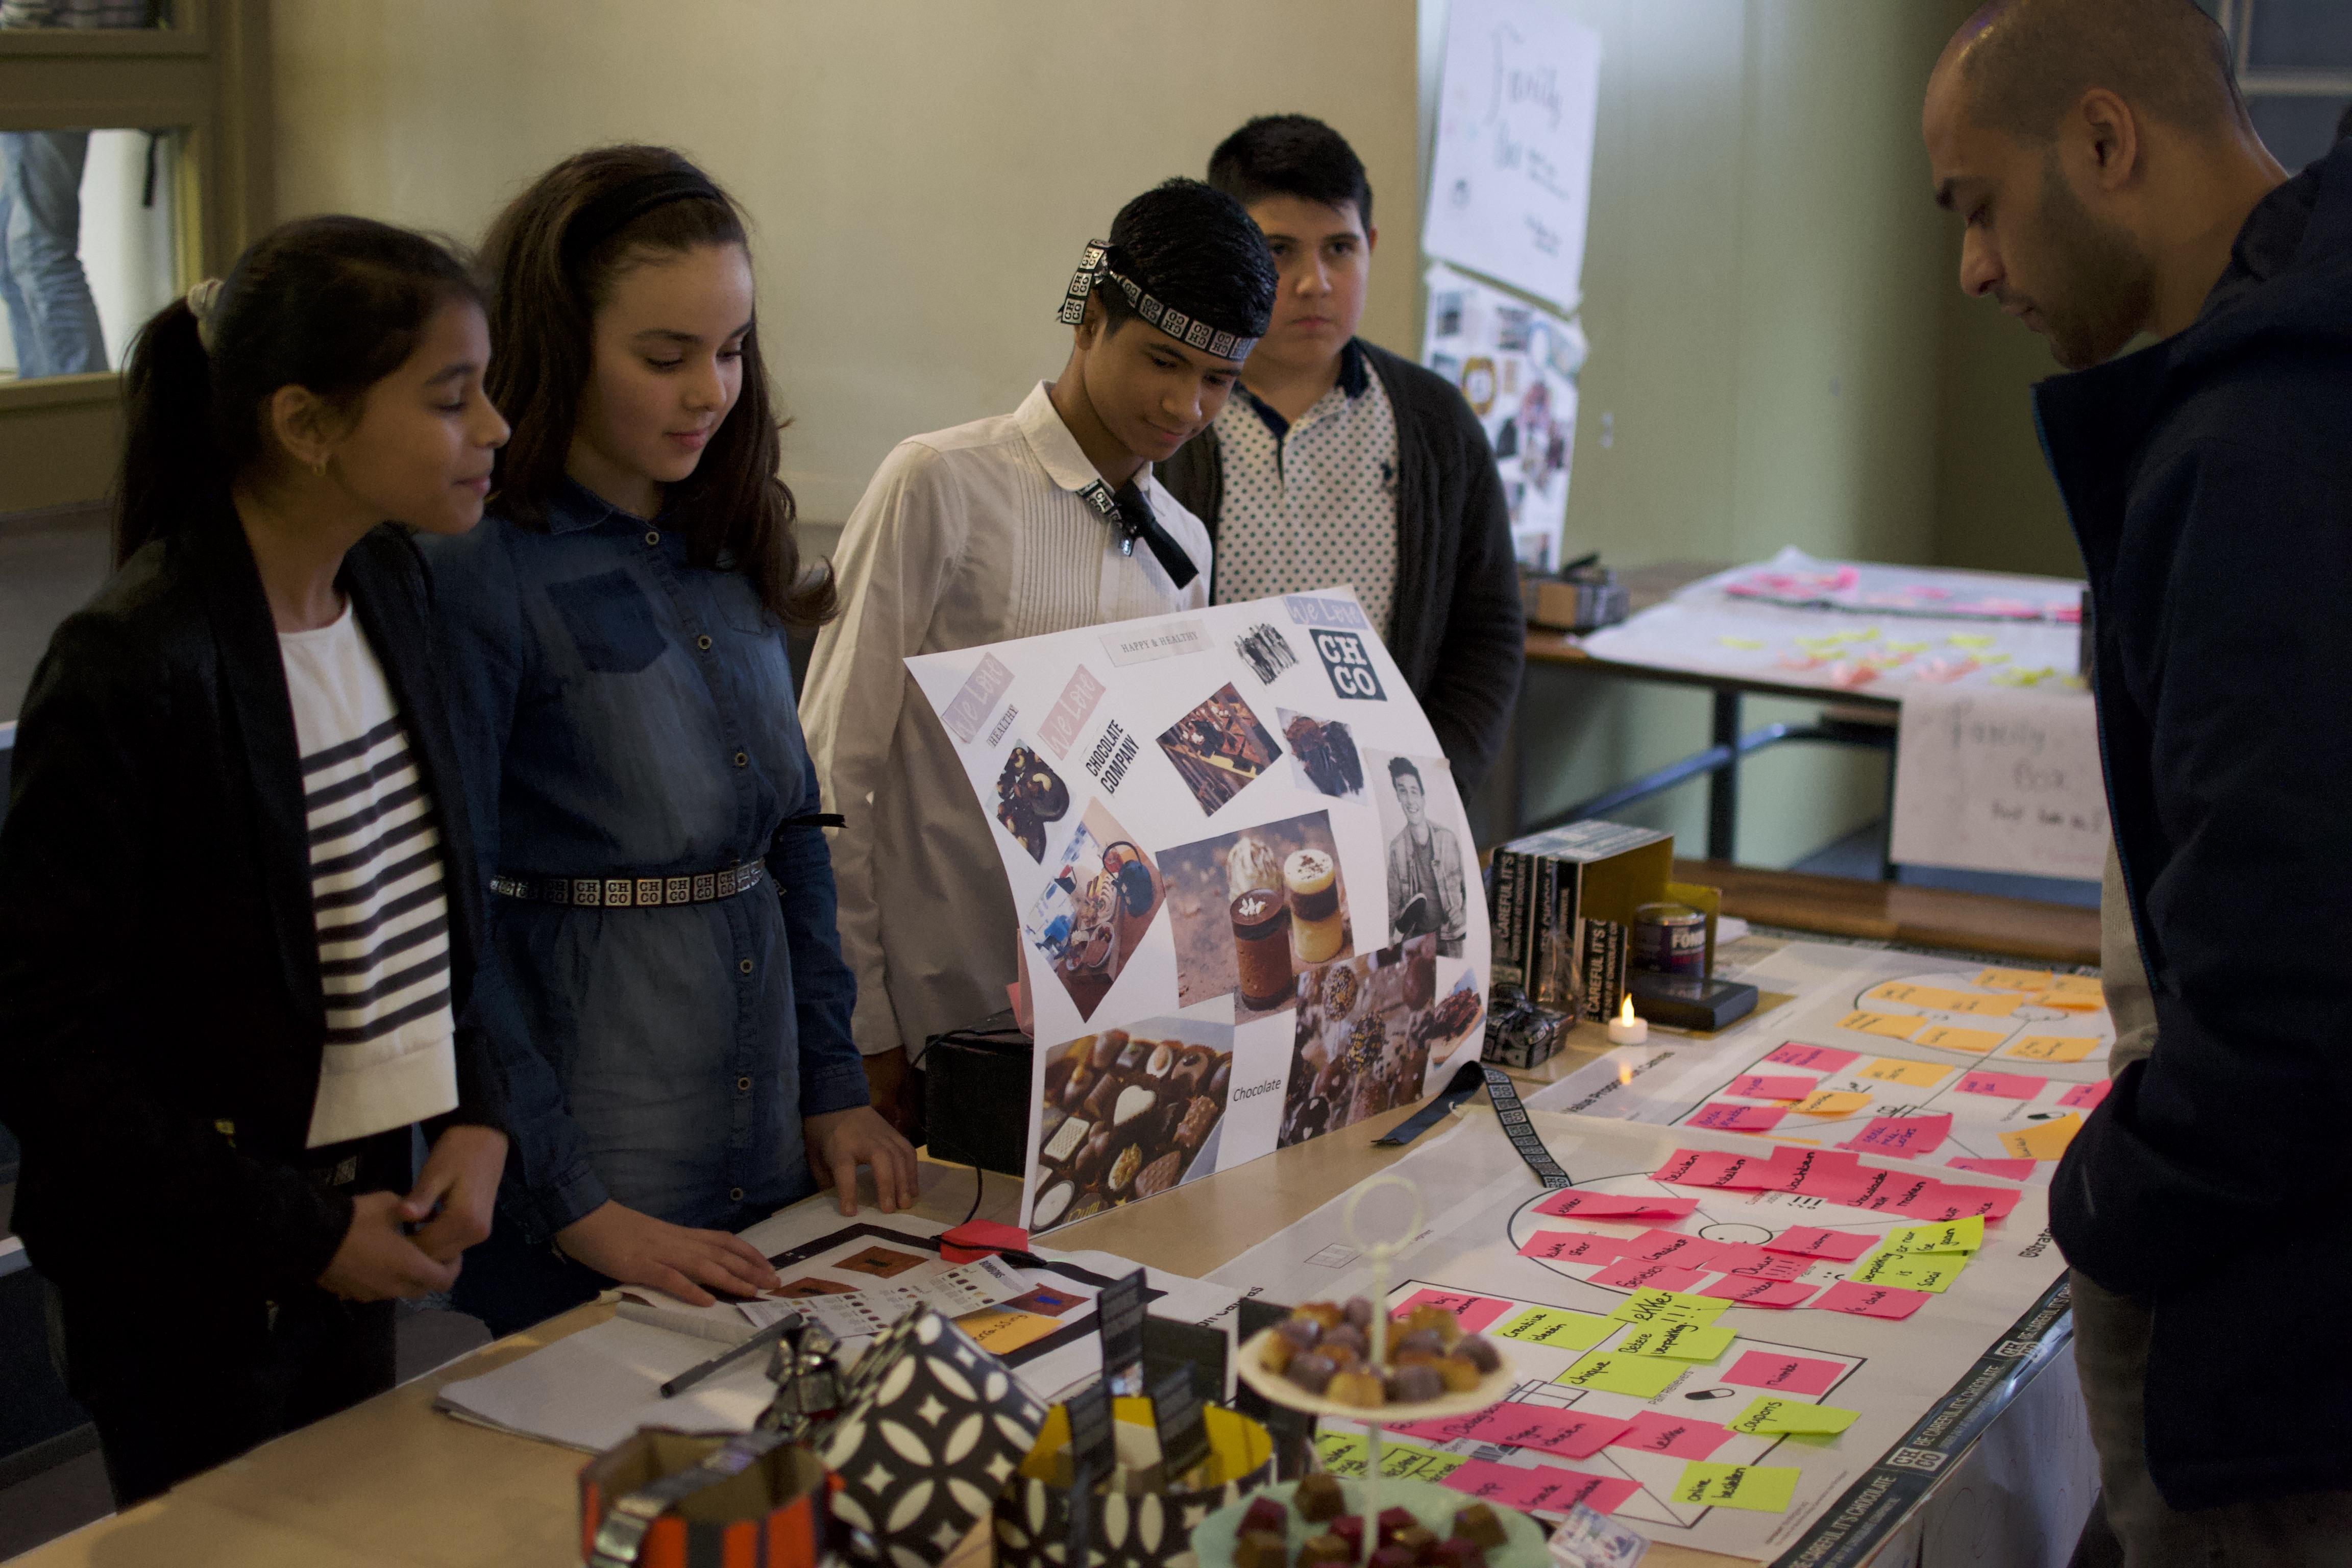 Uitleg aan de bezoeker van het project, doelstelling en eindproduct.